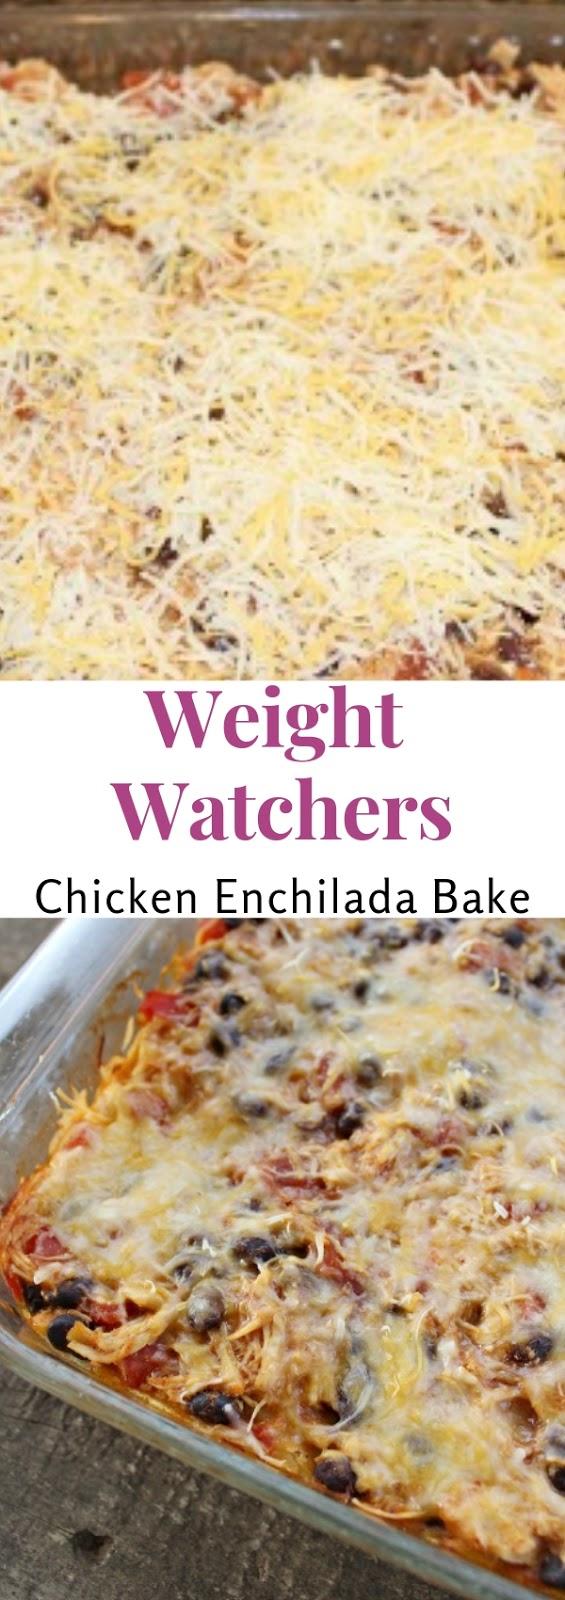 Weight Watchers Chicken Enchilada Bake #maincourse #dinner #weight #watchers #weightwatchers #chicken #enchilada #bake